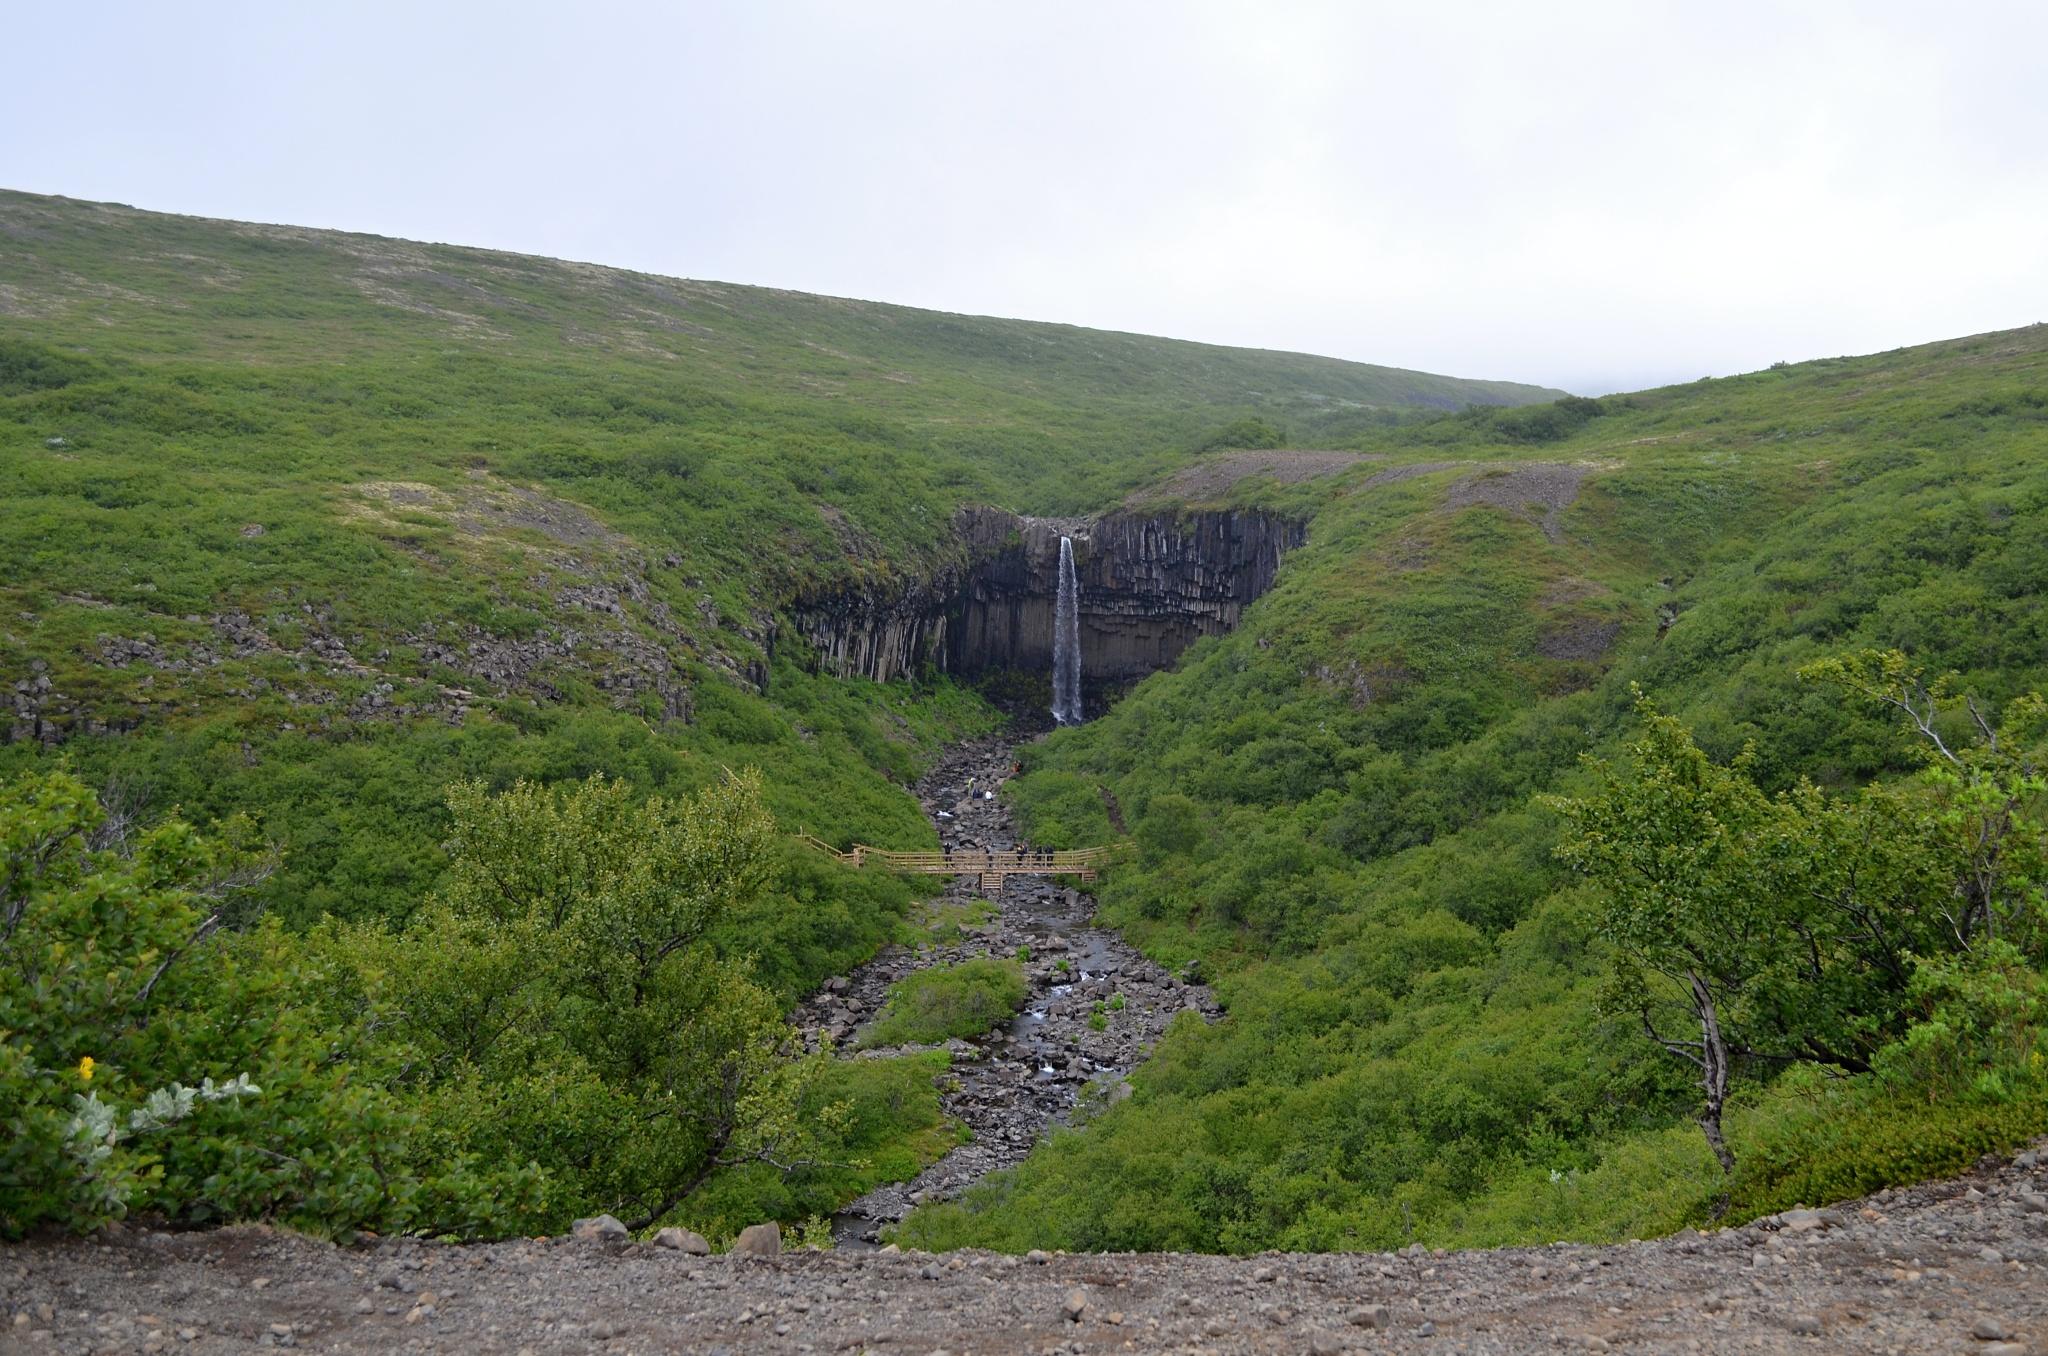 Celkový pohled na vodopád Svartifoss